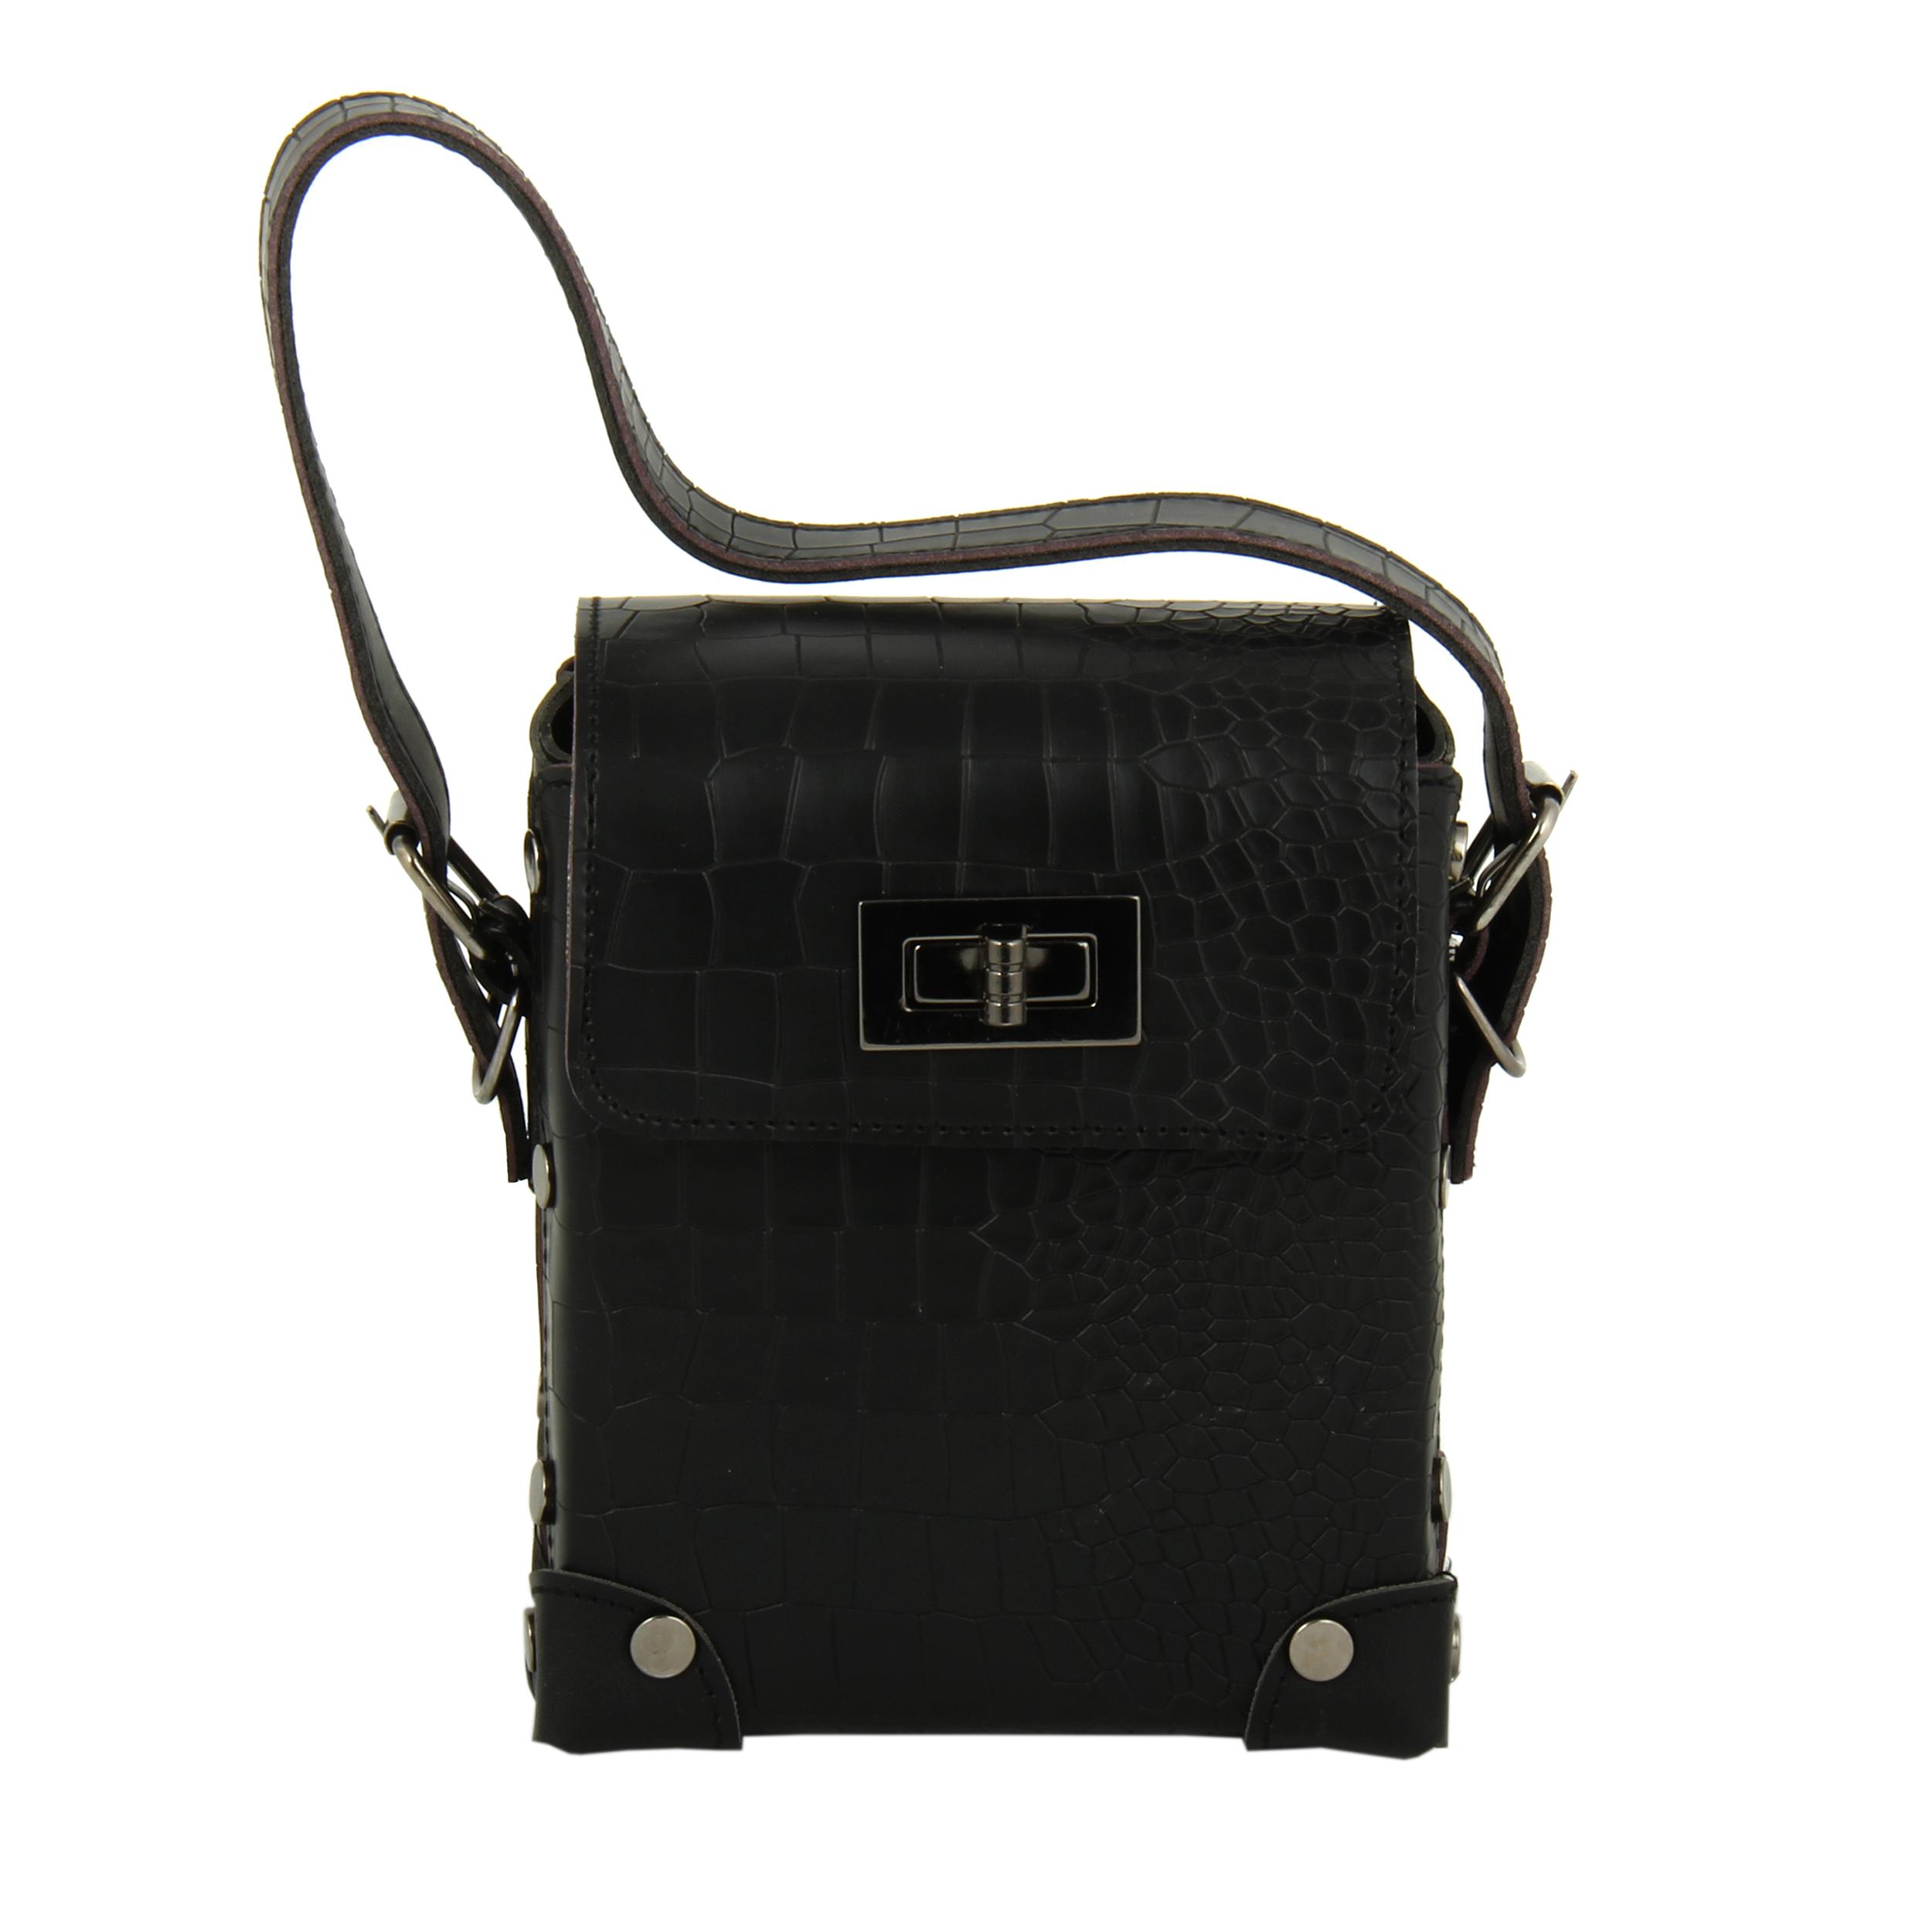 کیف دستی زنانه کد 5031x